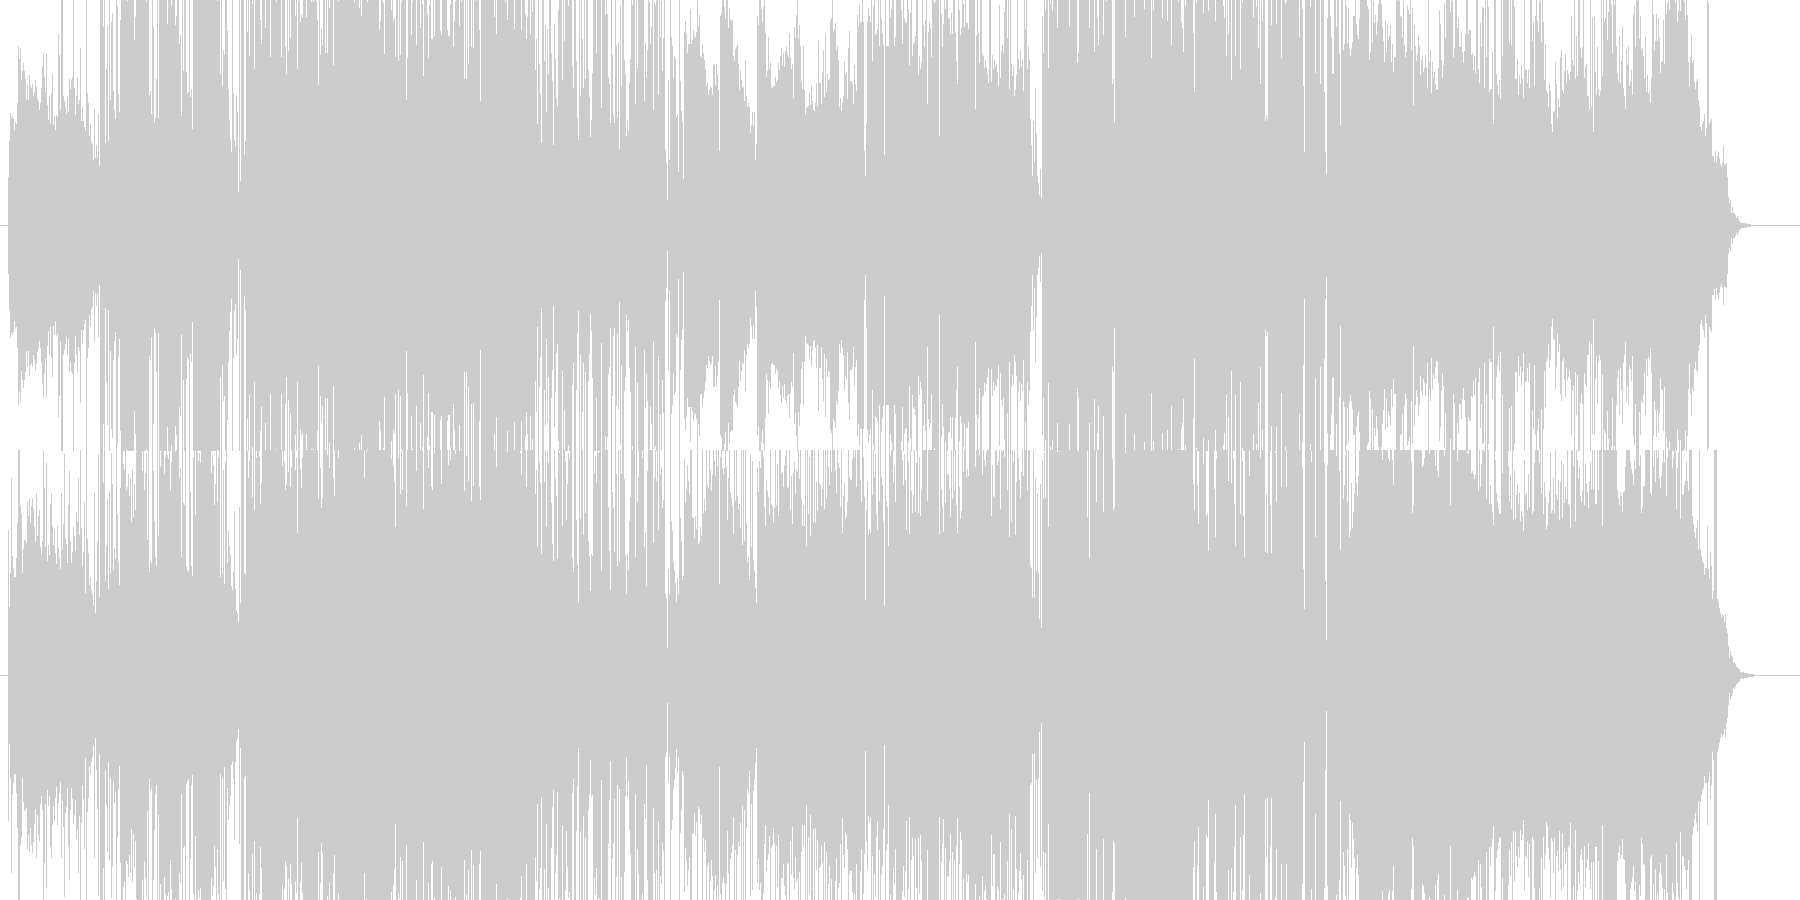 ポップなカワイイrockテイストな曲ですの未再生の波形